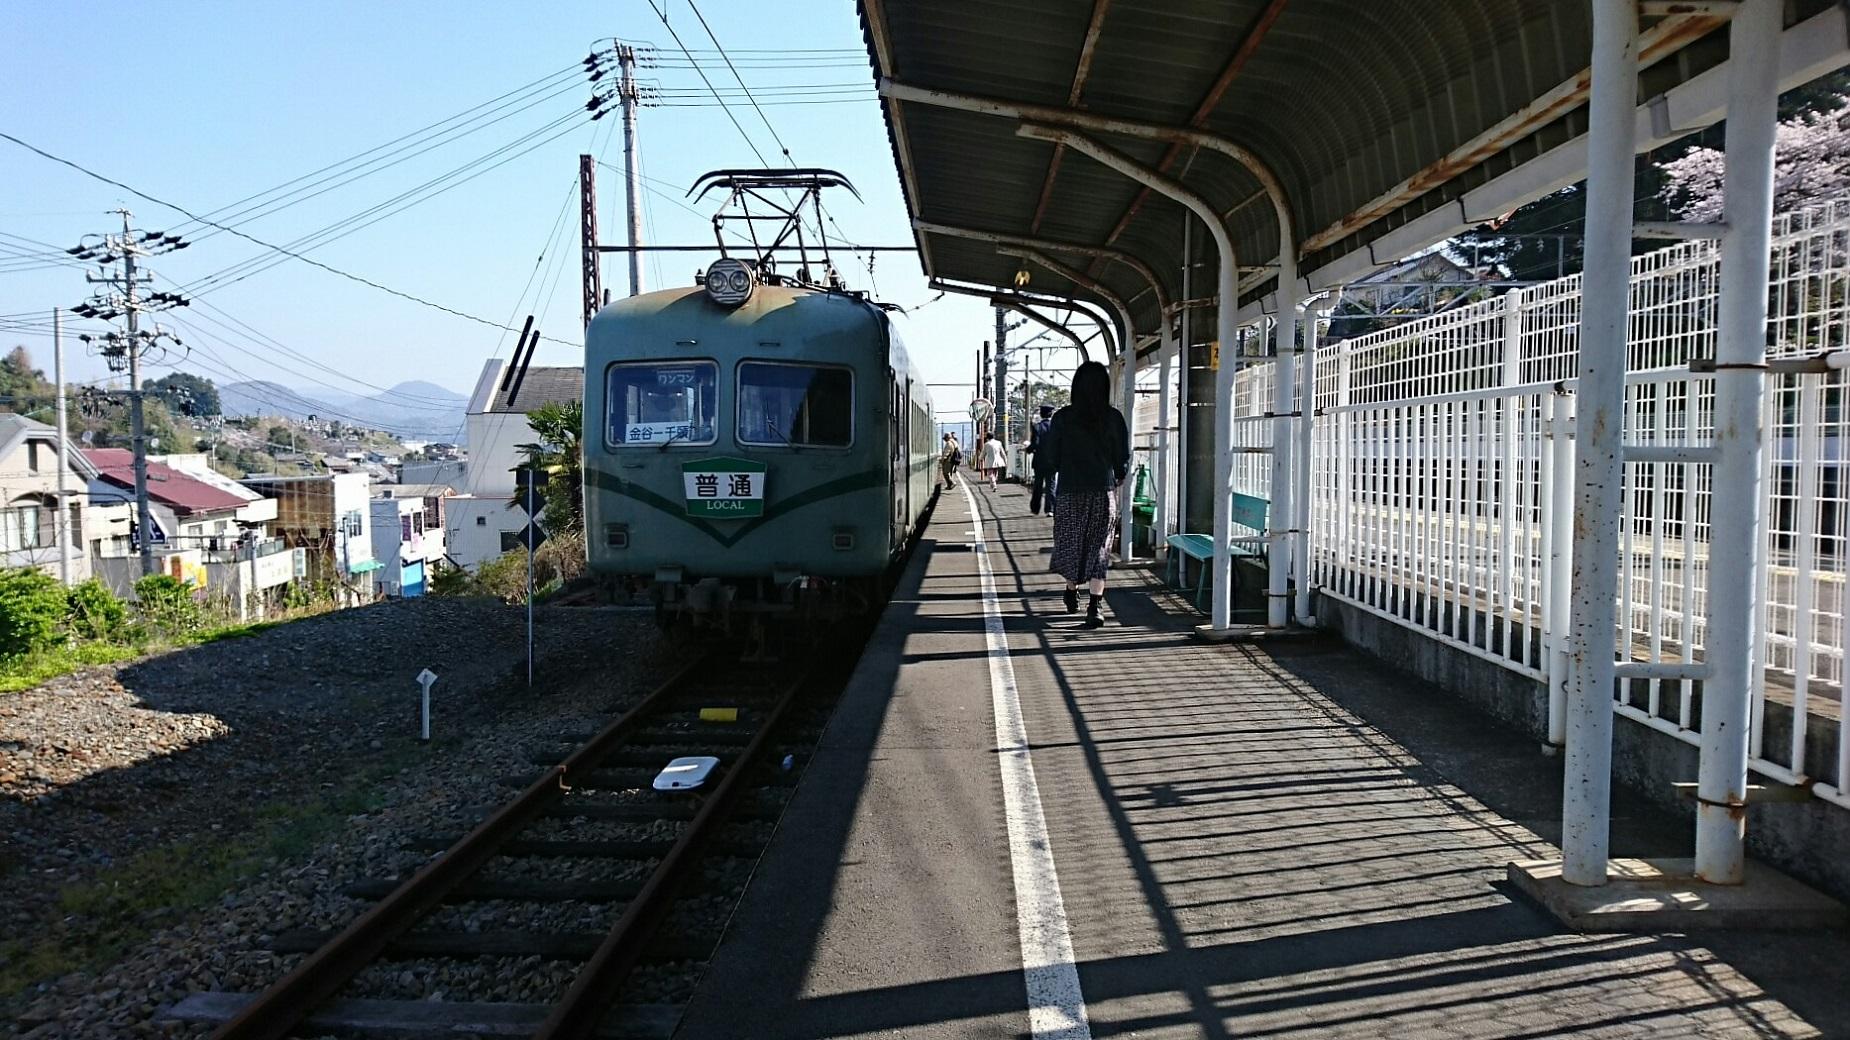 2018.3.28 大井川本線 (2) 金谷 - 千頭いきふつう(うしろ) 1850-1040